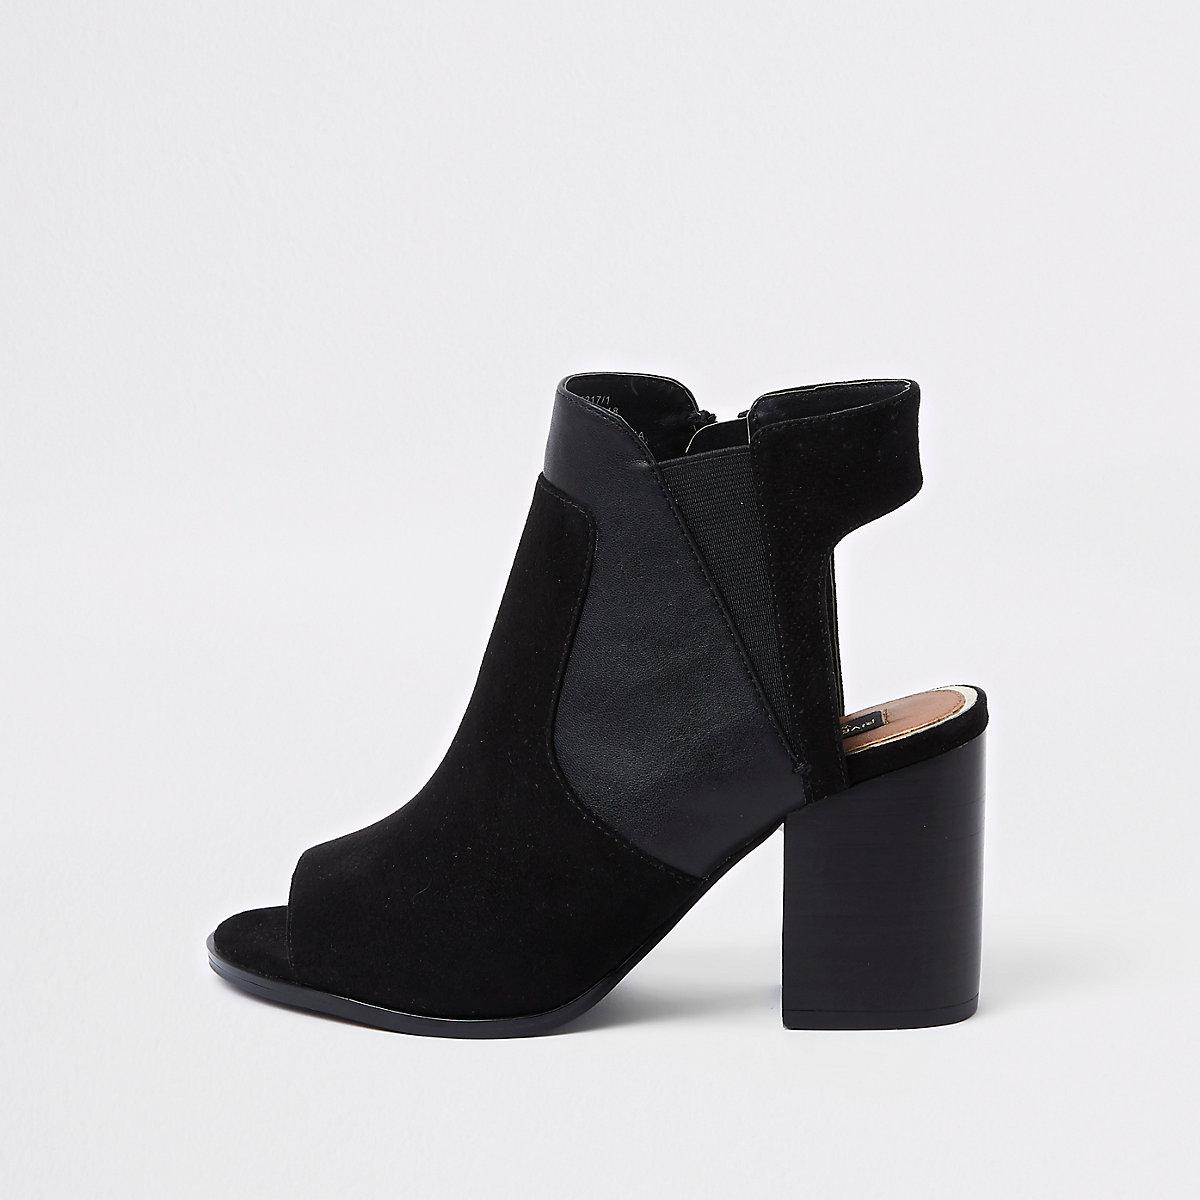 52a1714cb88 Black wide fit block heel shoe boots - Shoes - Shoes   Boots - women